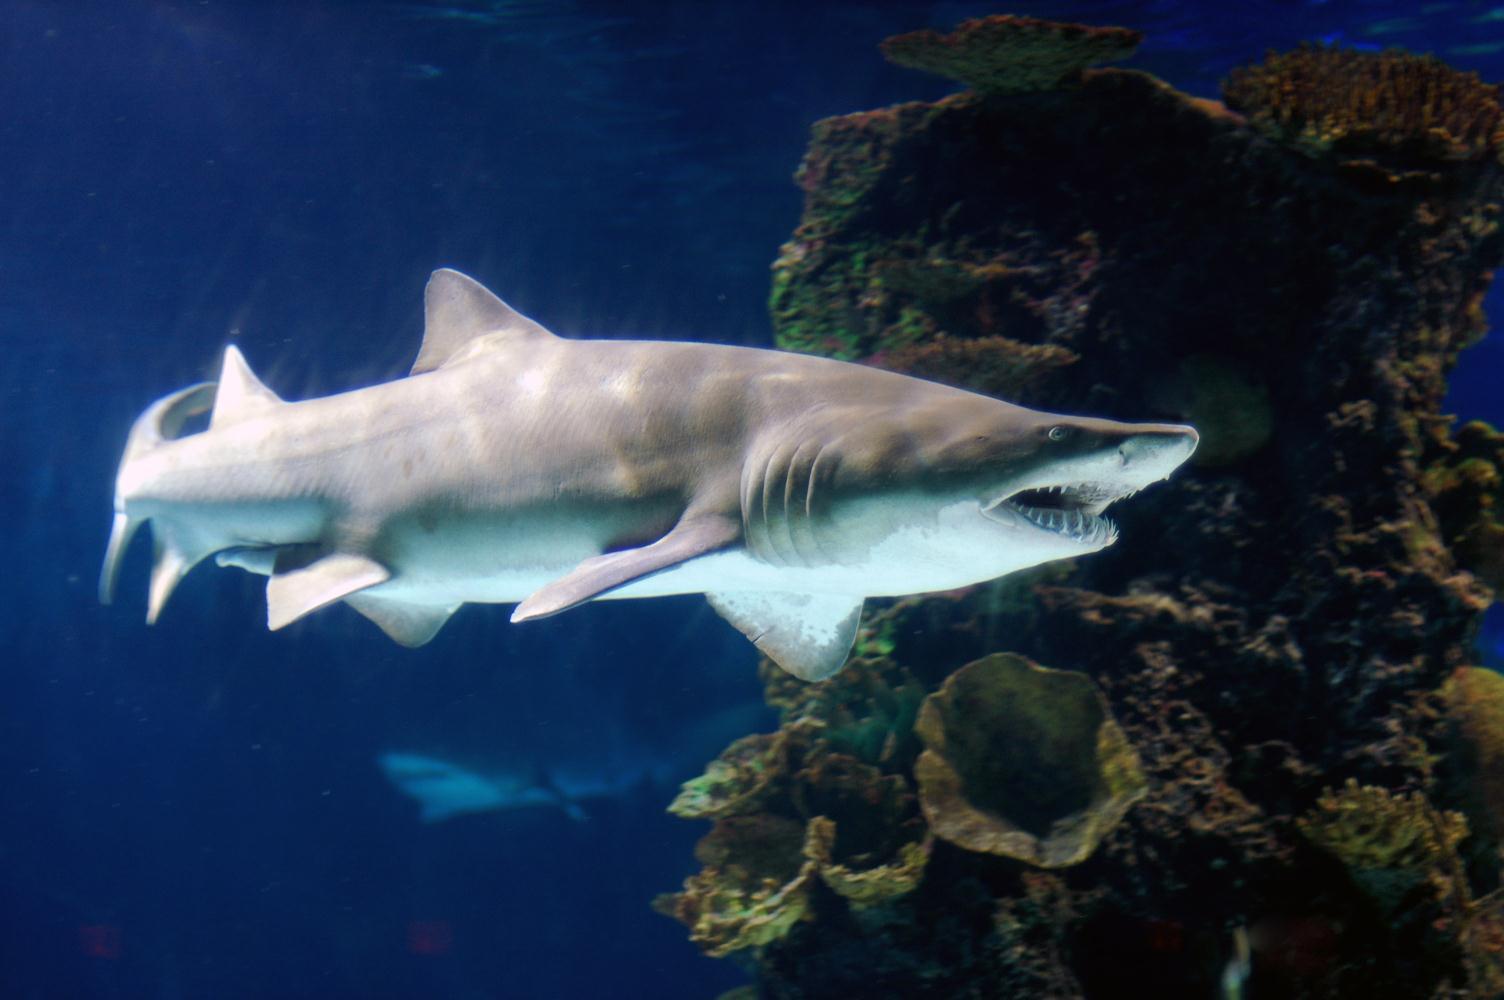 Ragged-tooth shark